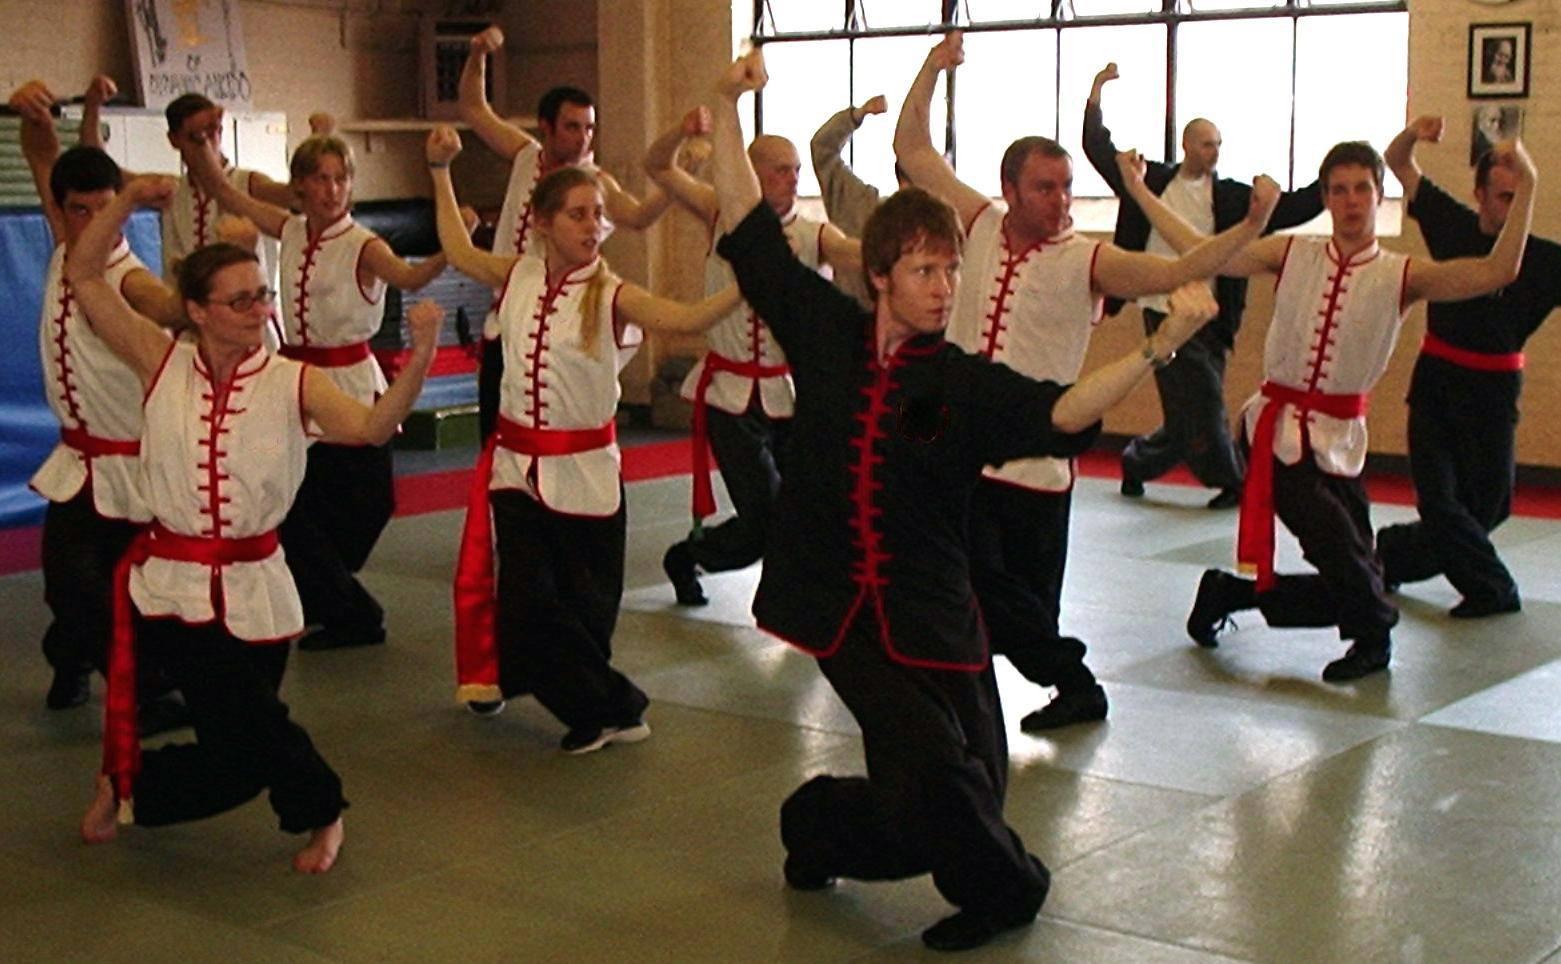 choy li fut seminar Kung fu in Norwich niel willcott.jpg